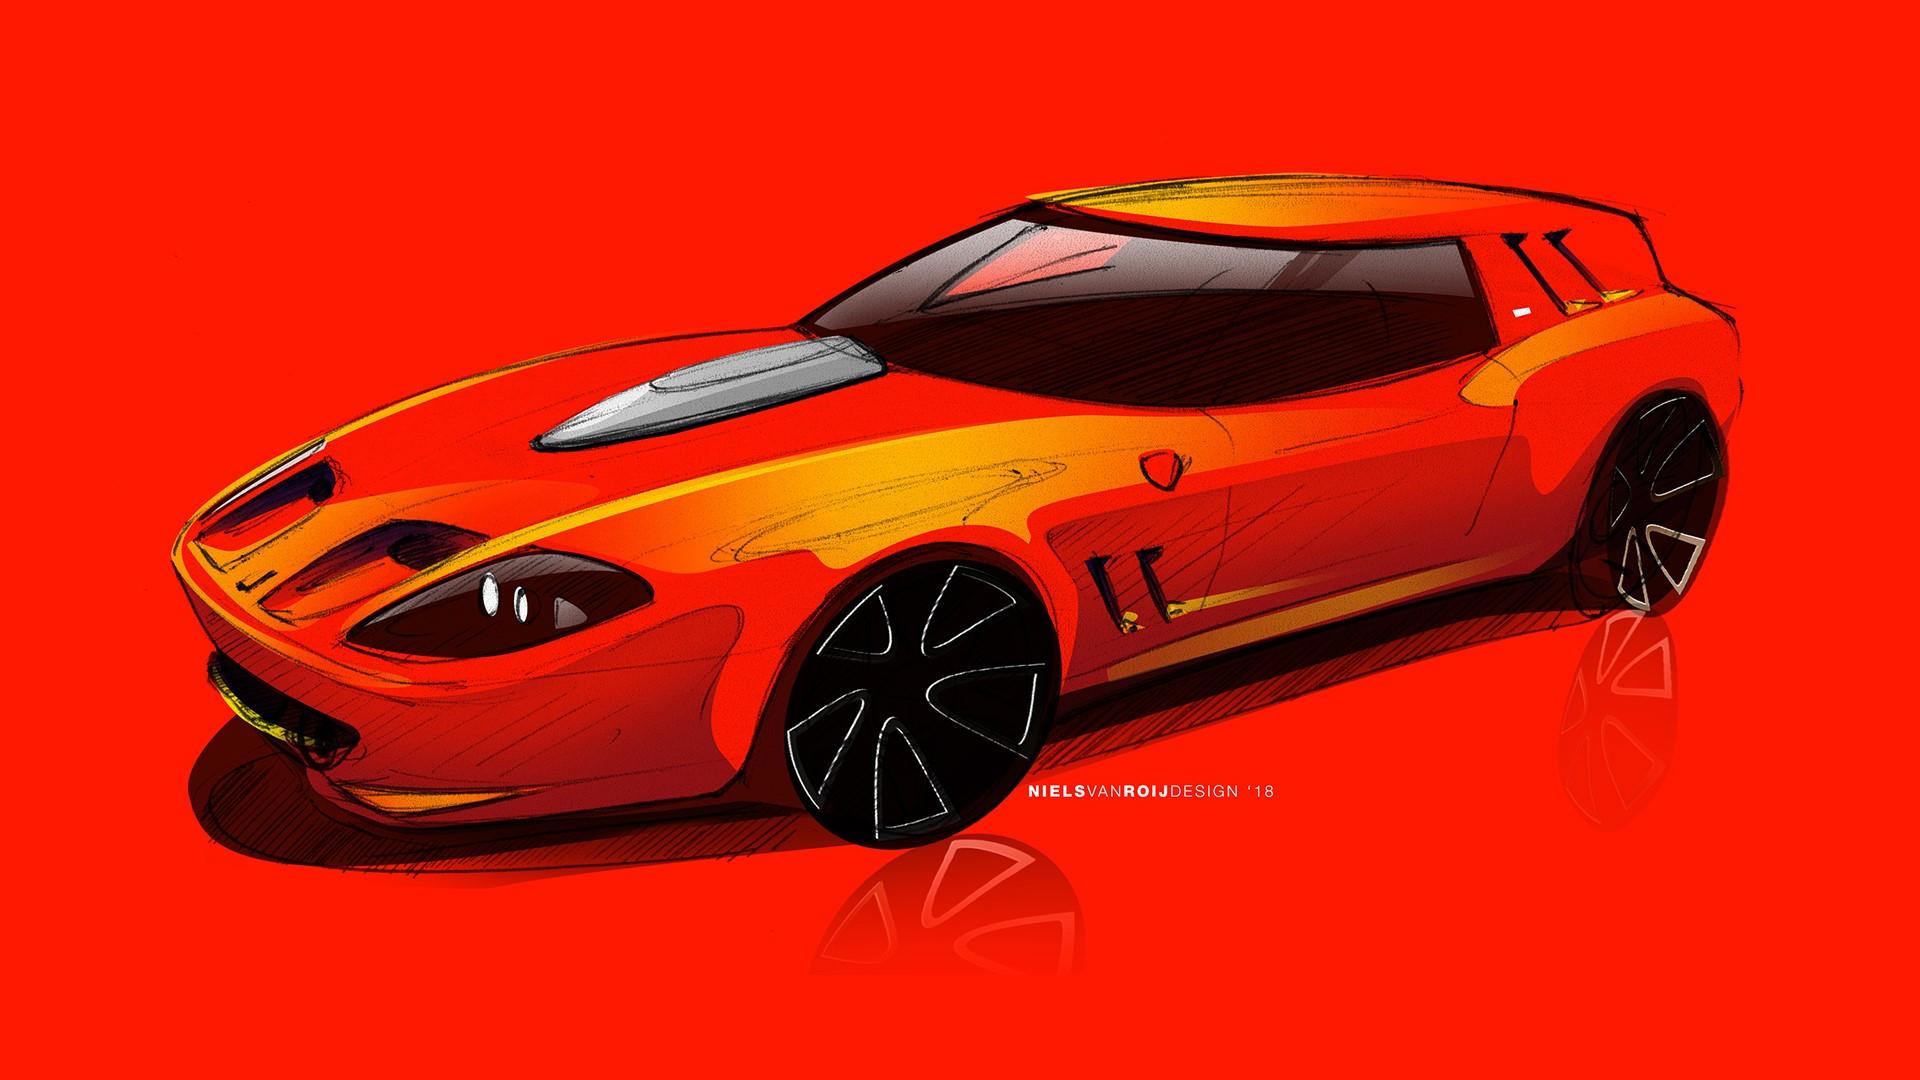 18 12 26 Niels van Roij Design - Breadvan Hommage ideation 013